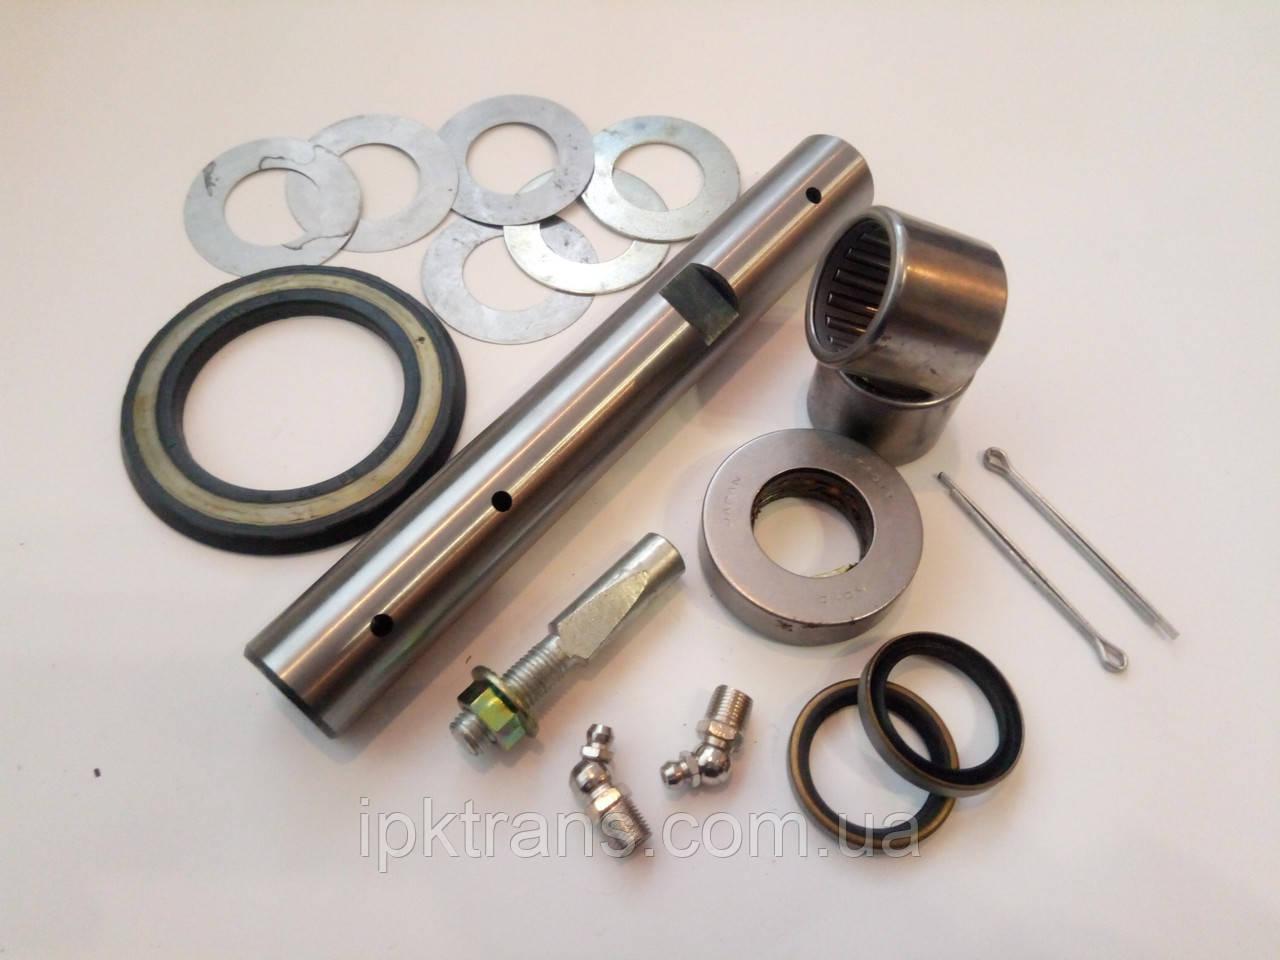 Ремкомплект шкворня на погрузчик Toyota 02-5FD20 (04432-20020-71) 044322002071